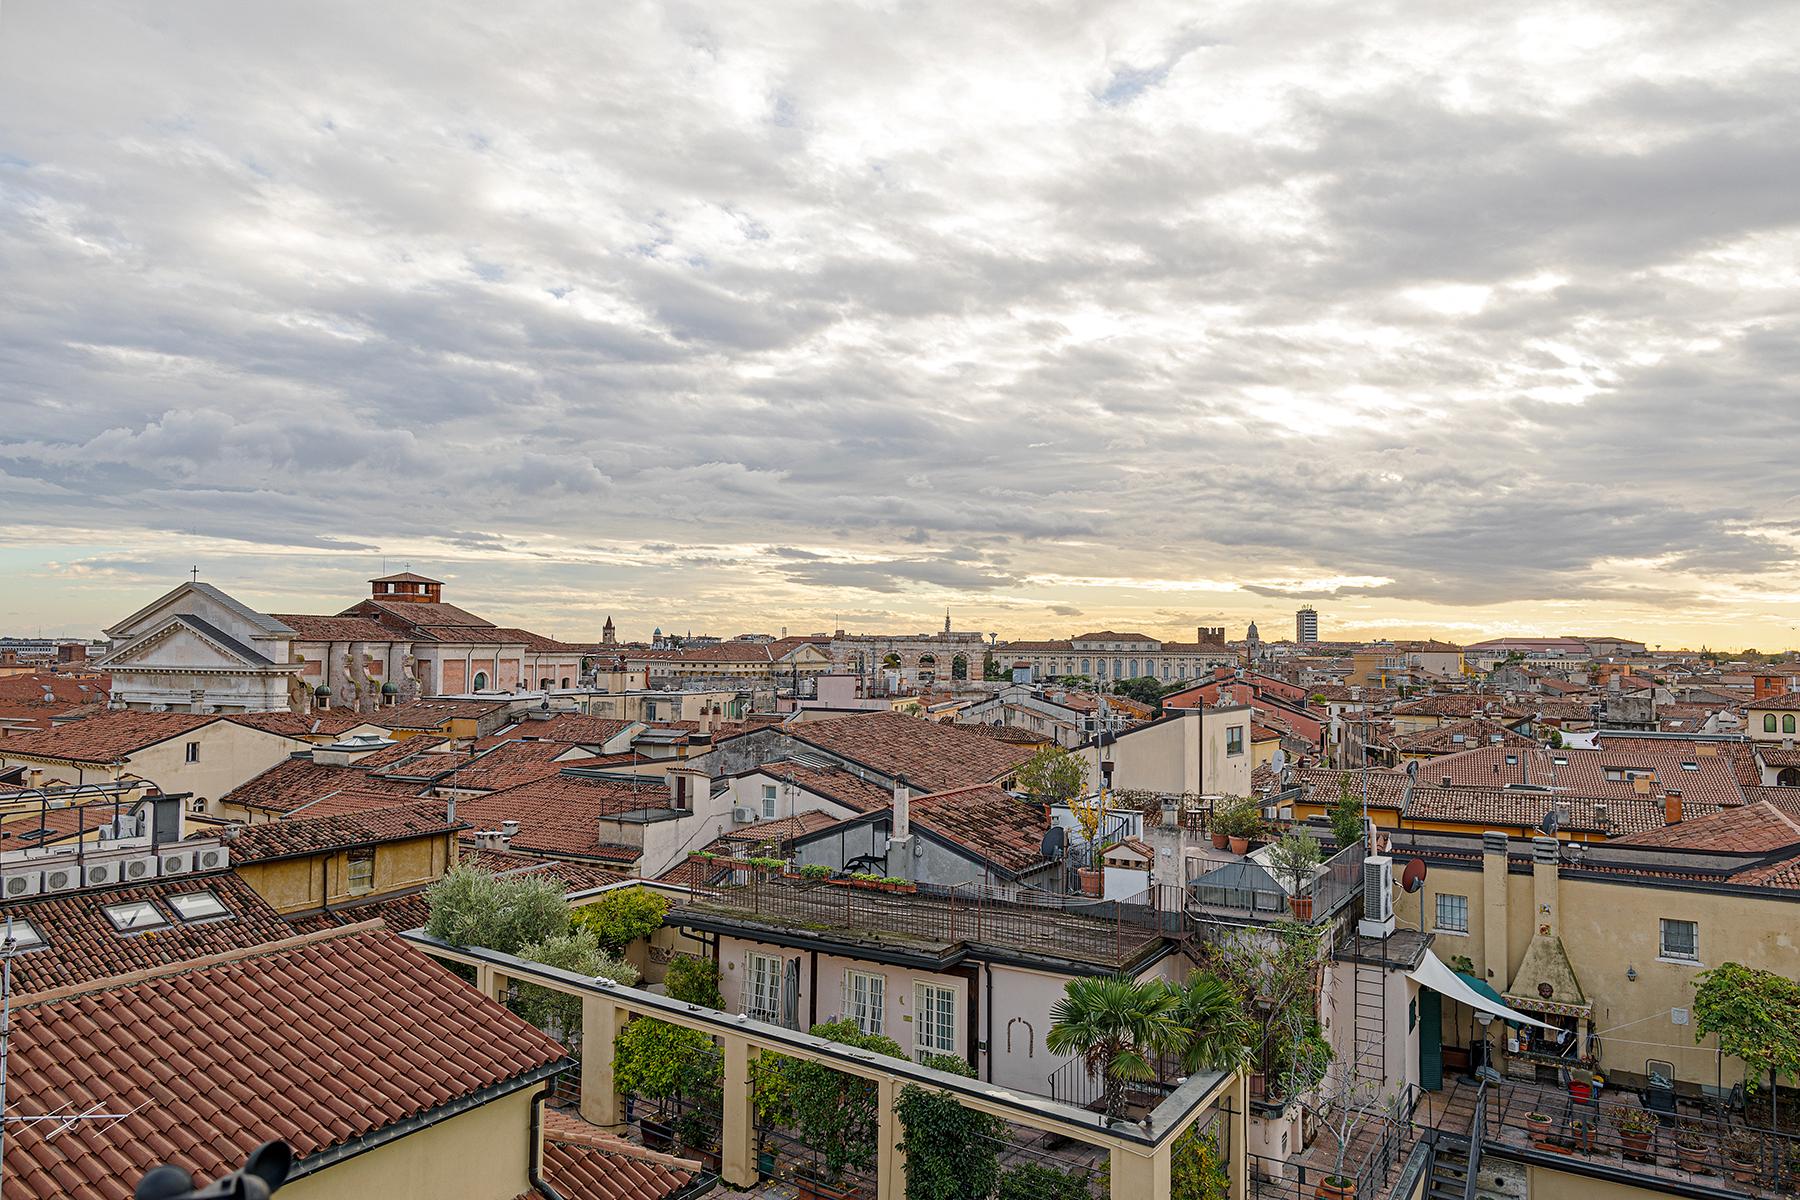 Attico in Vendita a Verona: 5 locali, 280 mq - Foto 16